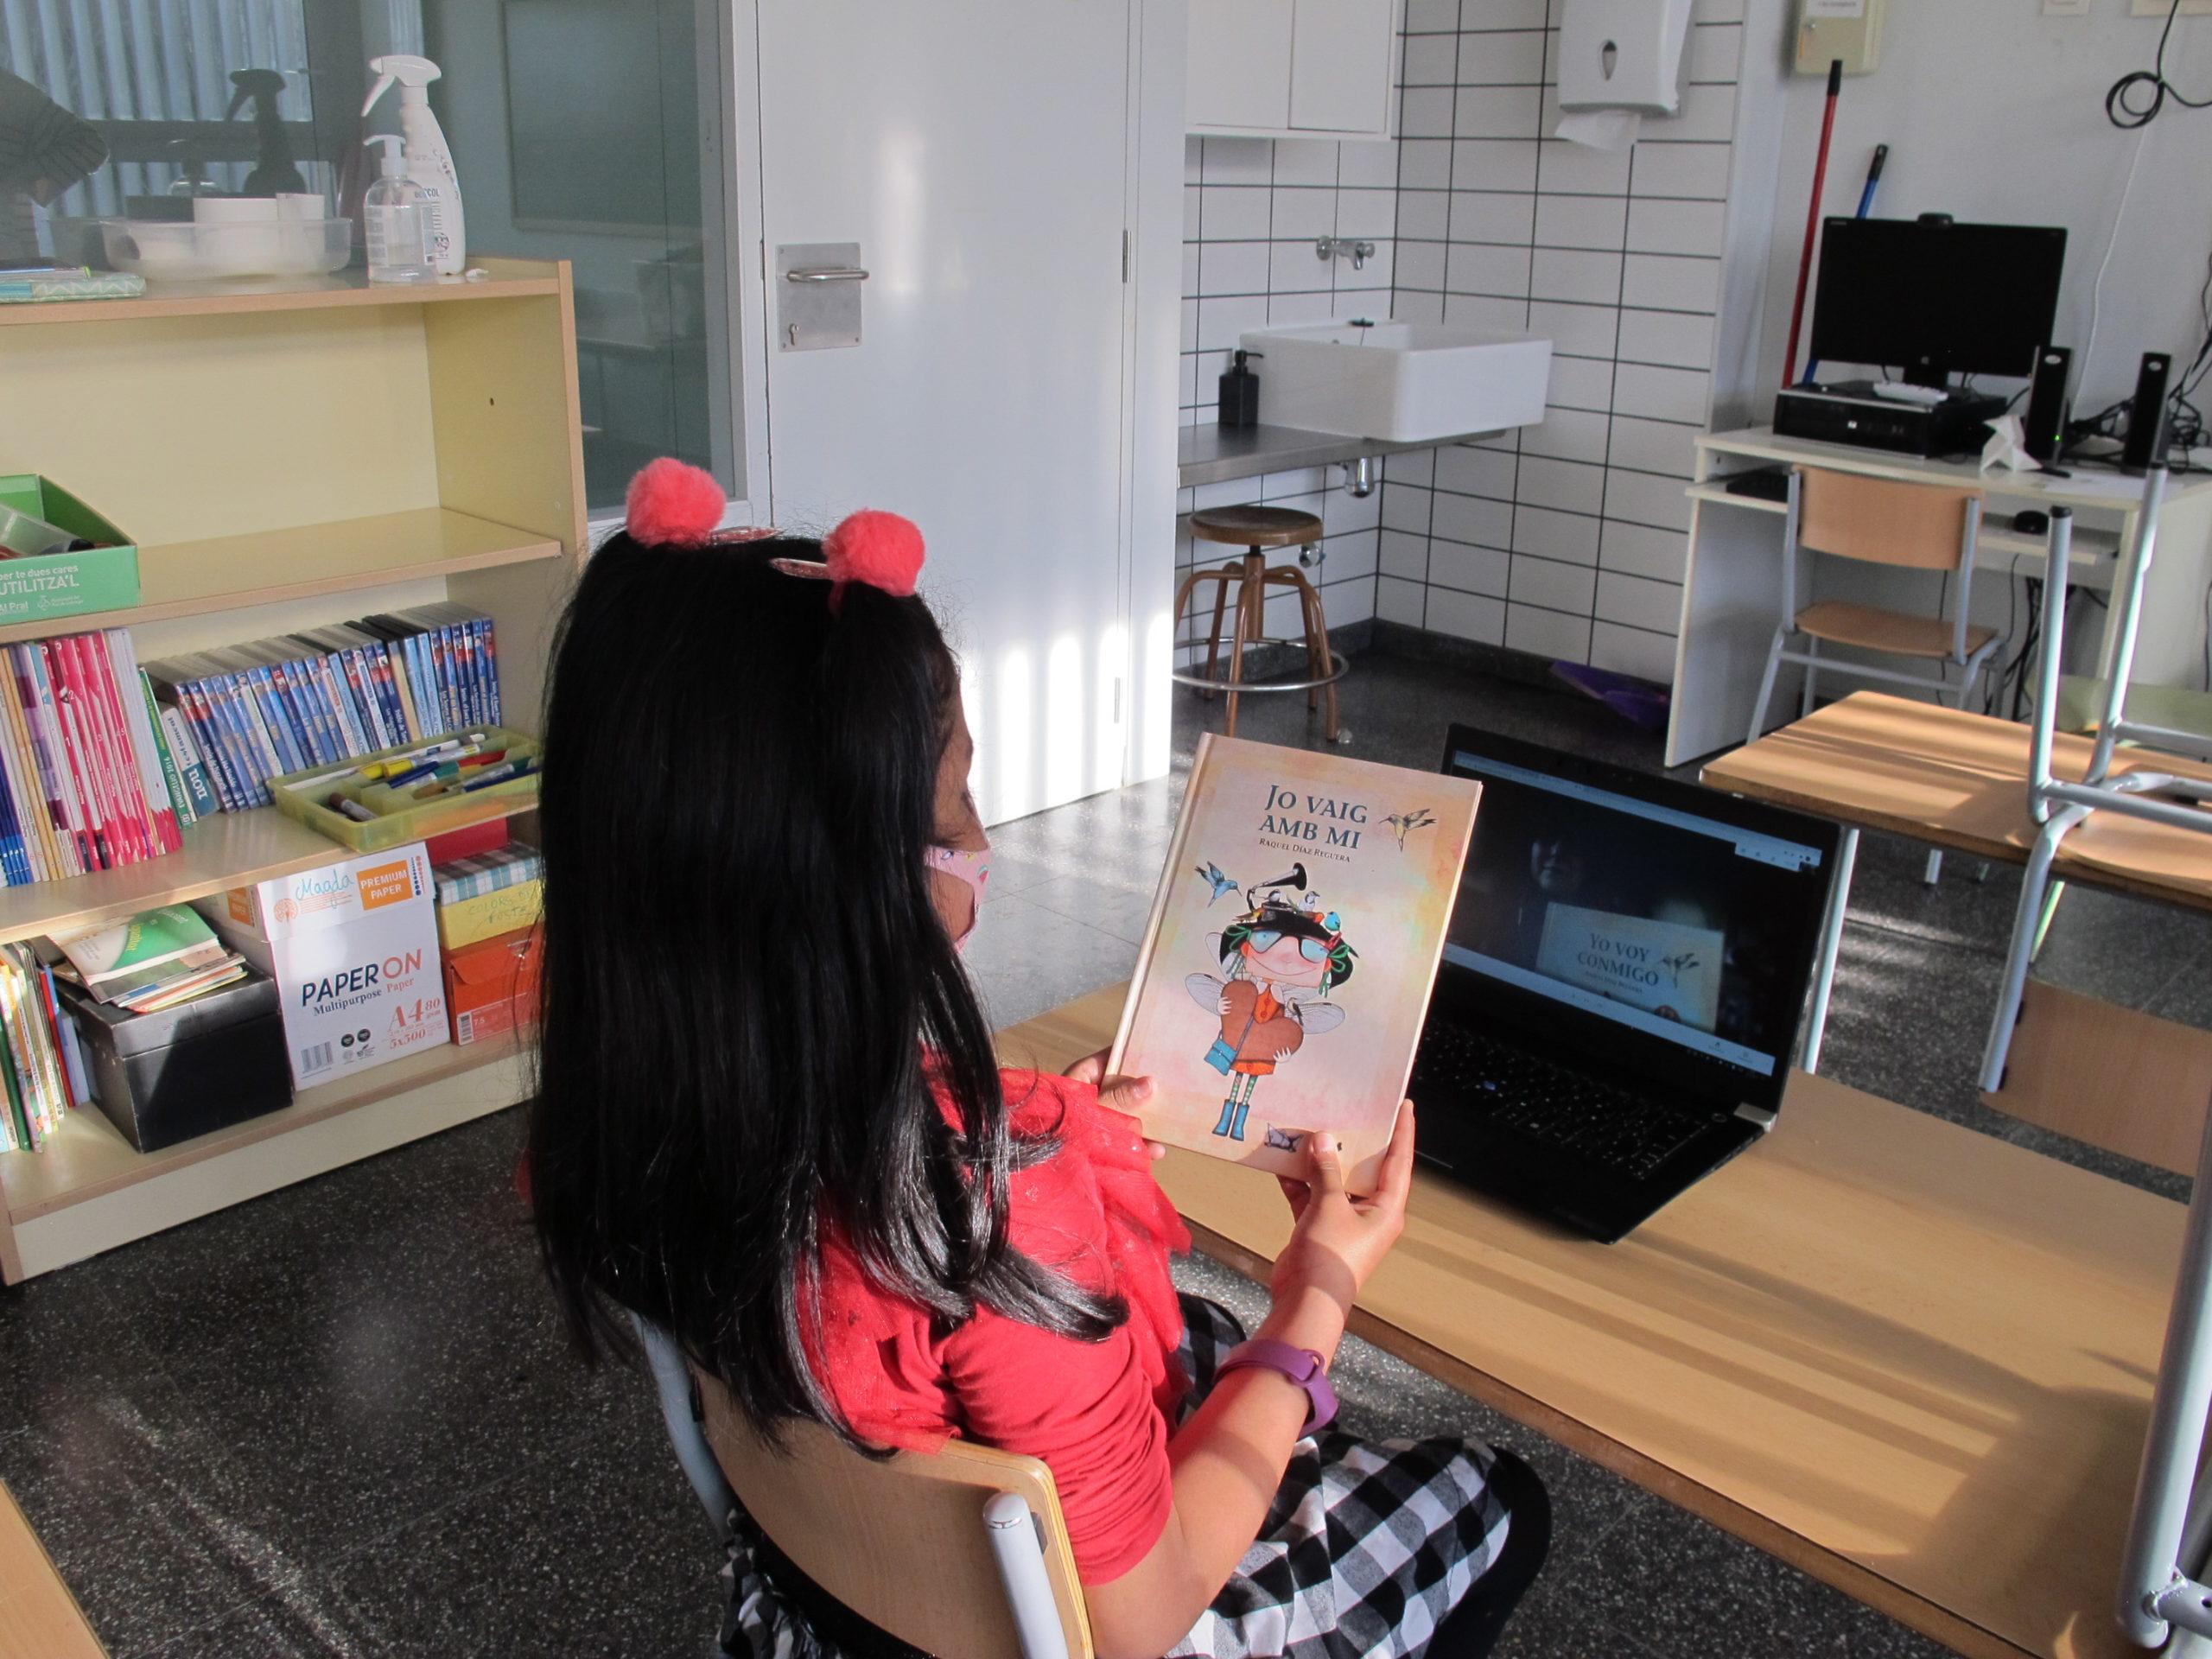 Voluntarios CaixaBank en Andalucía acompañan en la lectura a cerca de 40 menores vulnerables